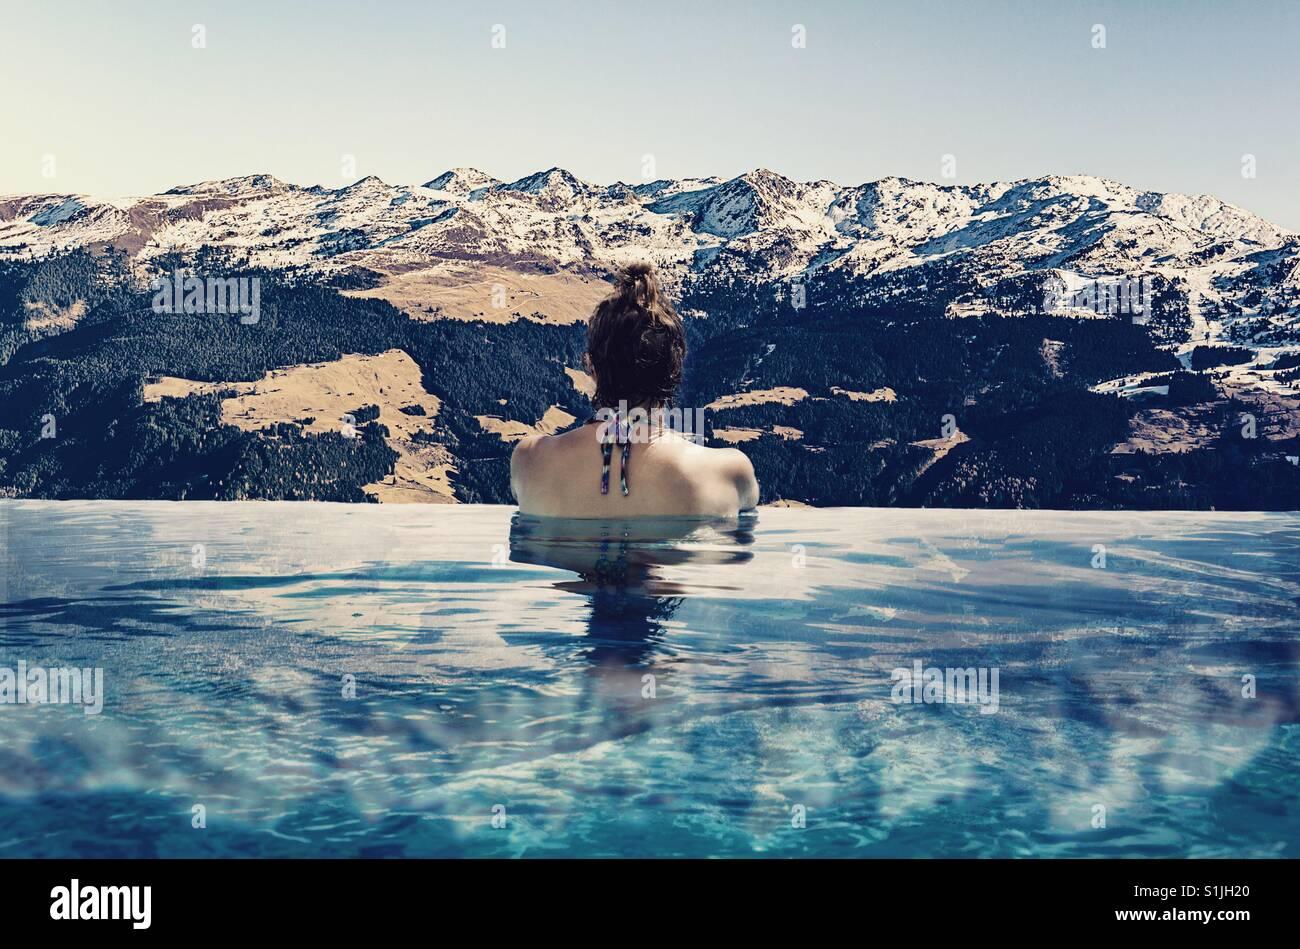 Frau Baden in einen Infinity-Pool mit Blick auf Schnee